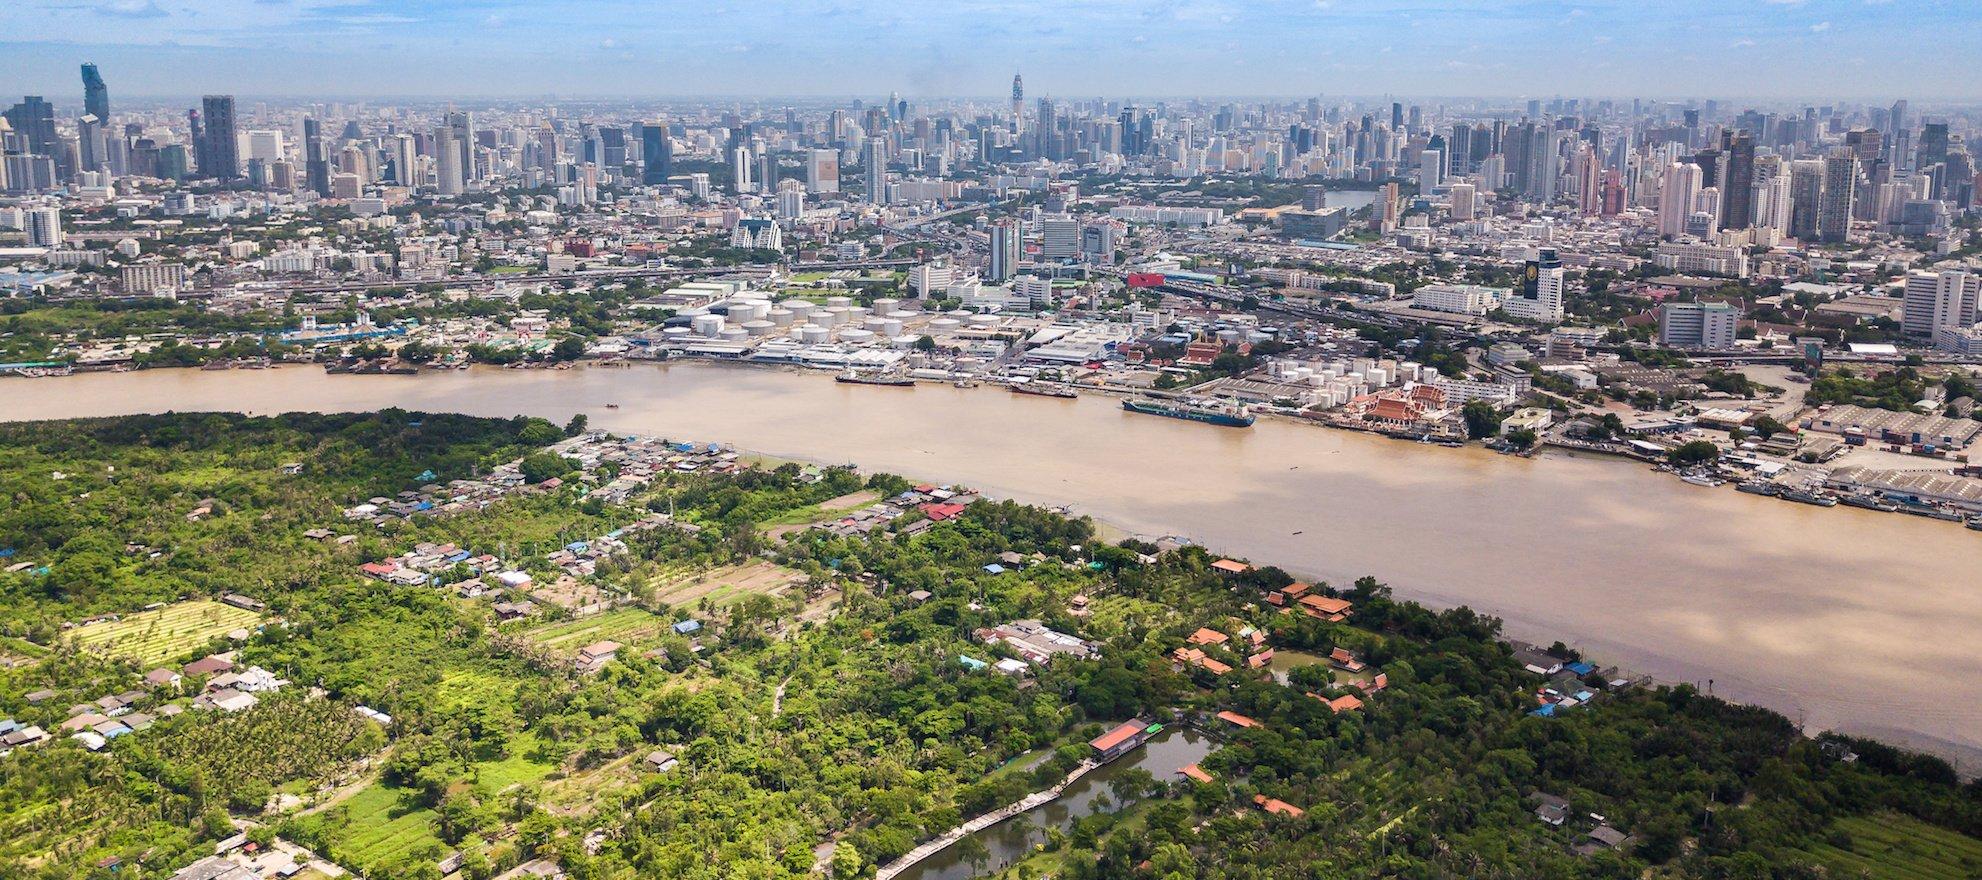 Aerial View of Bangkok skyline, Chao Phraya River View and Bang Krachao